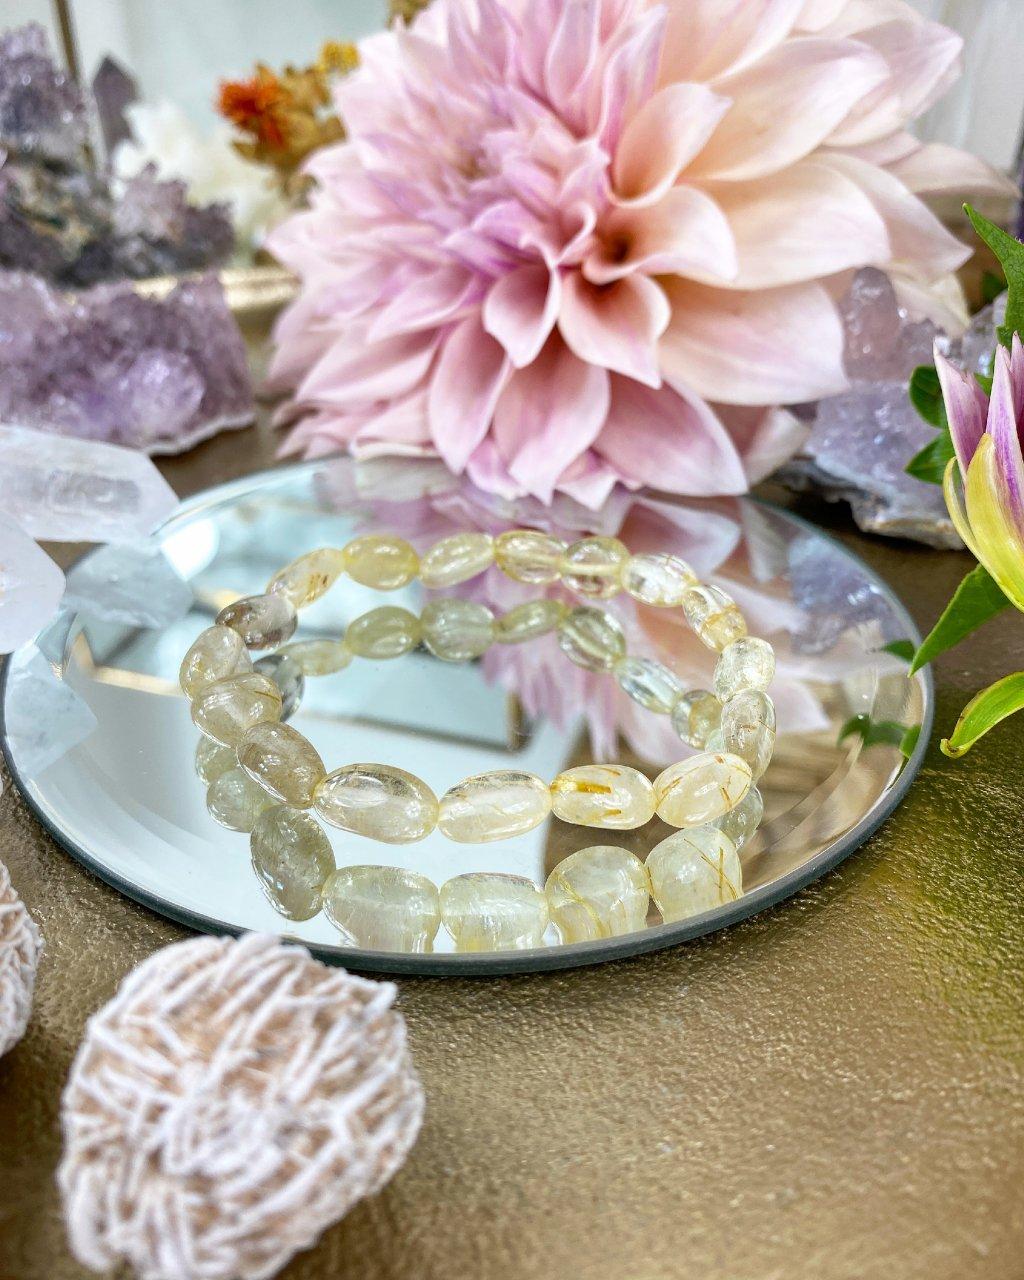 Náramek z minerálu křišťál ve zlatavé barvě jemné oblázky